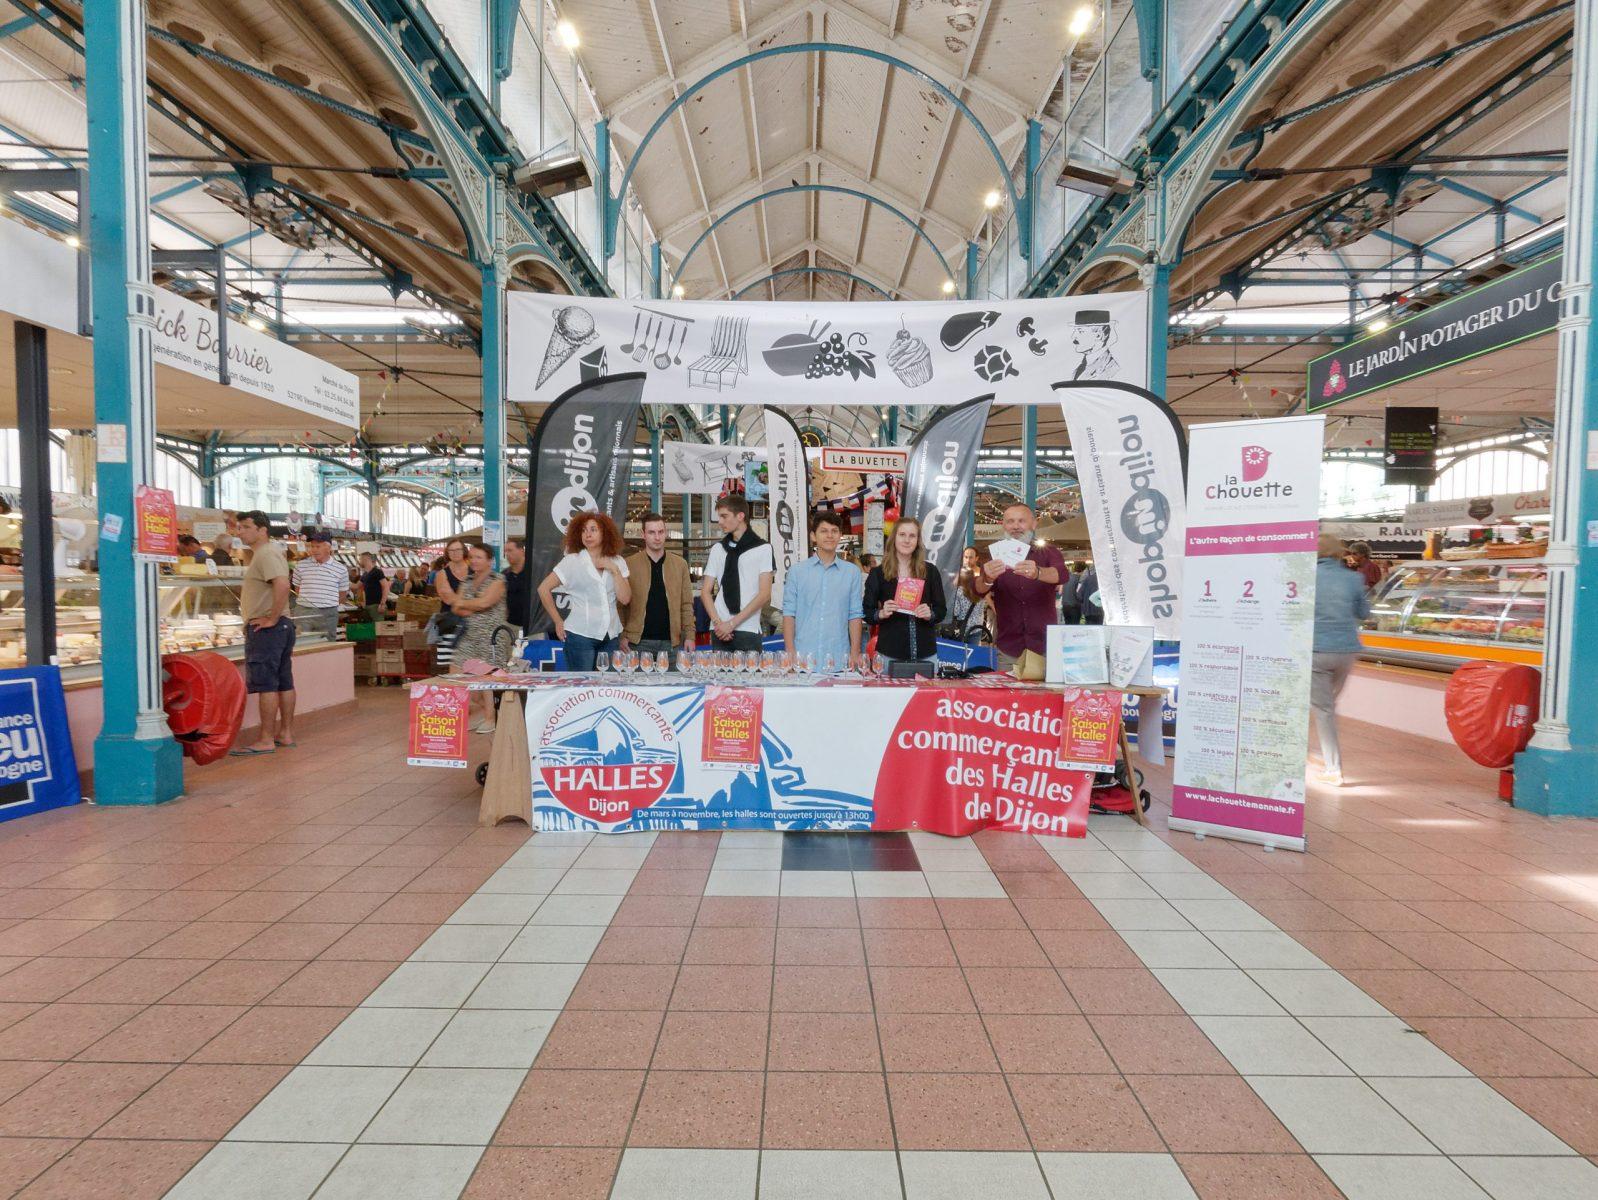 2018-06-16-Halles-de-Dijon-SHOPIN-Dijon-LA-CHOUETTE-1-scaled-1